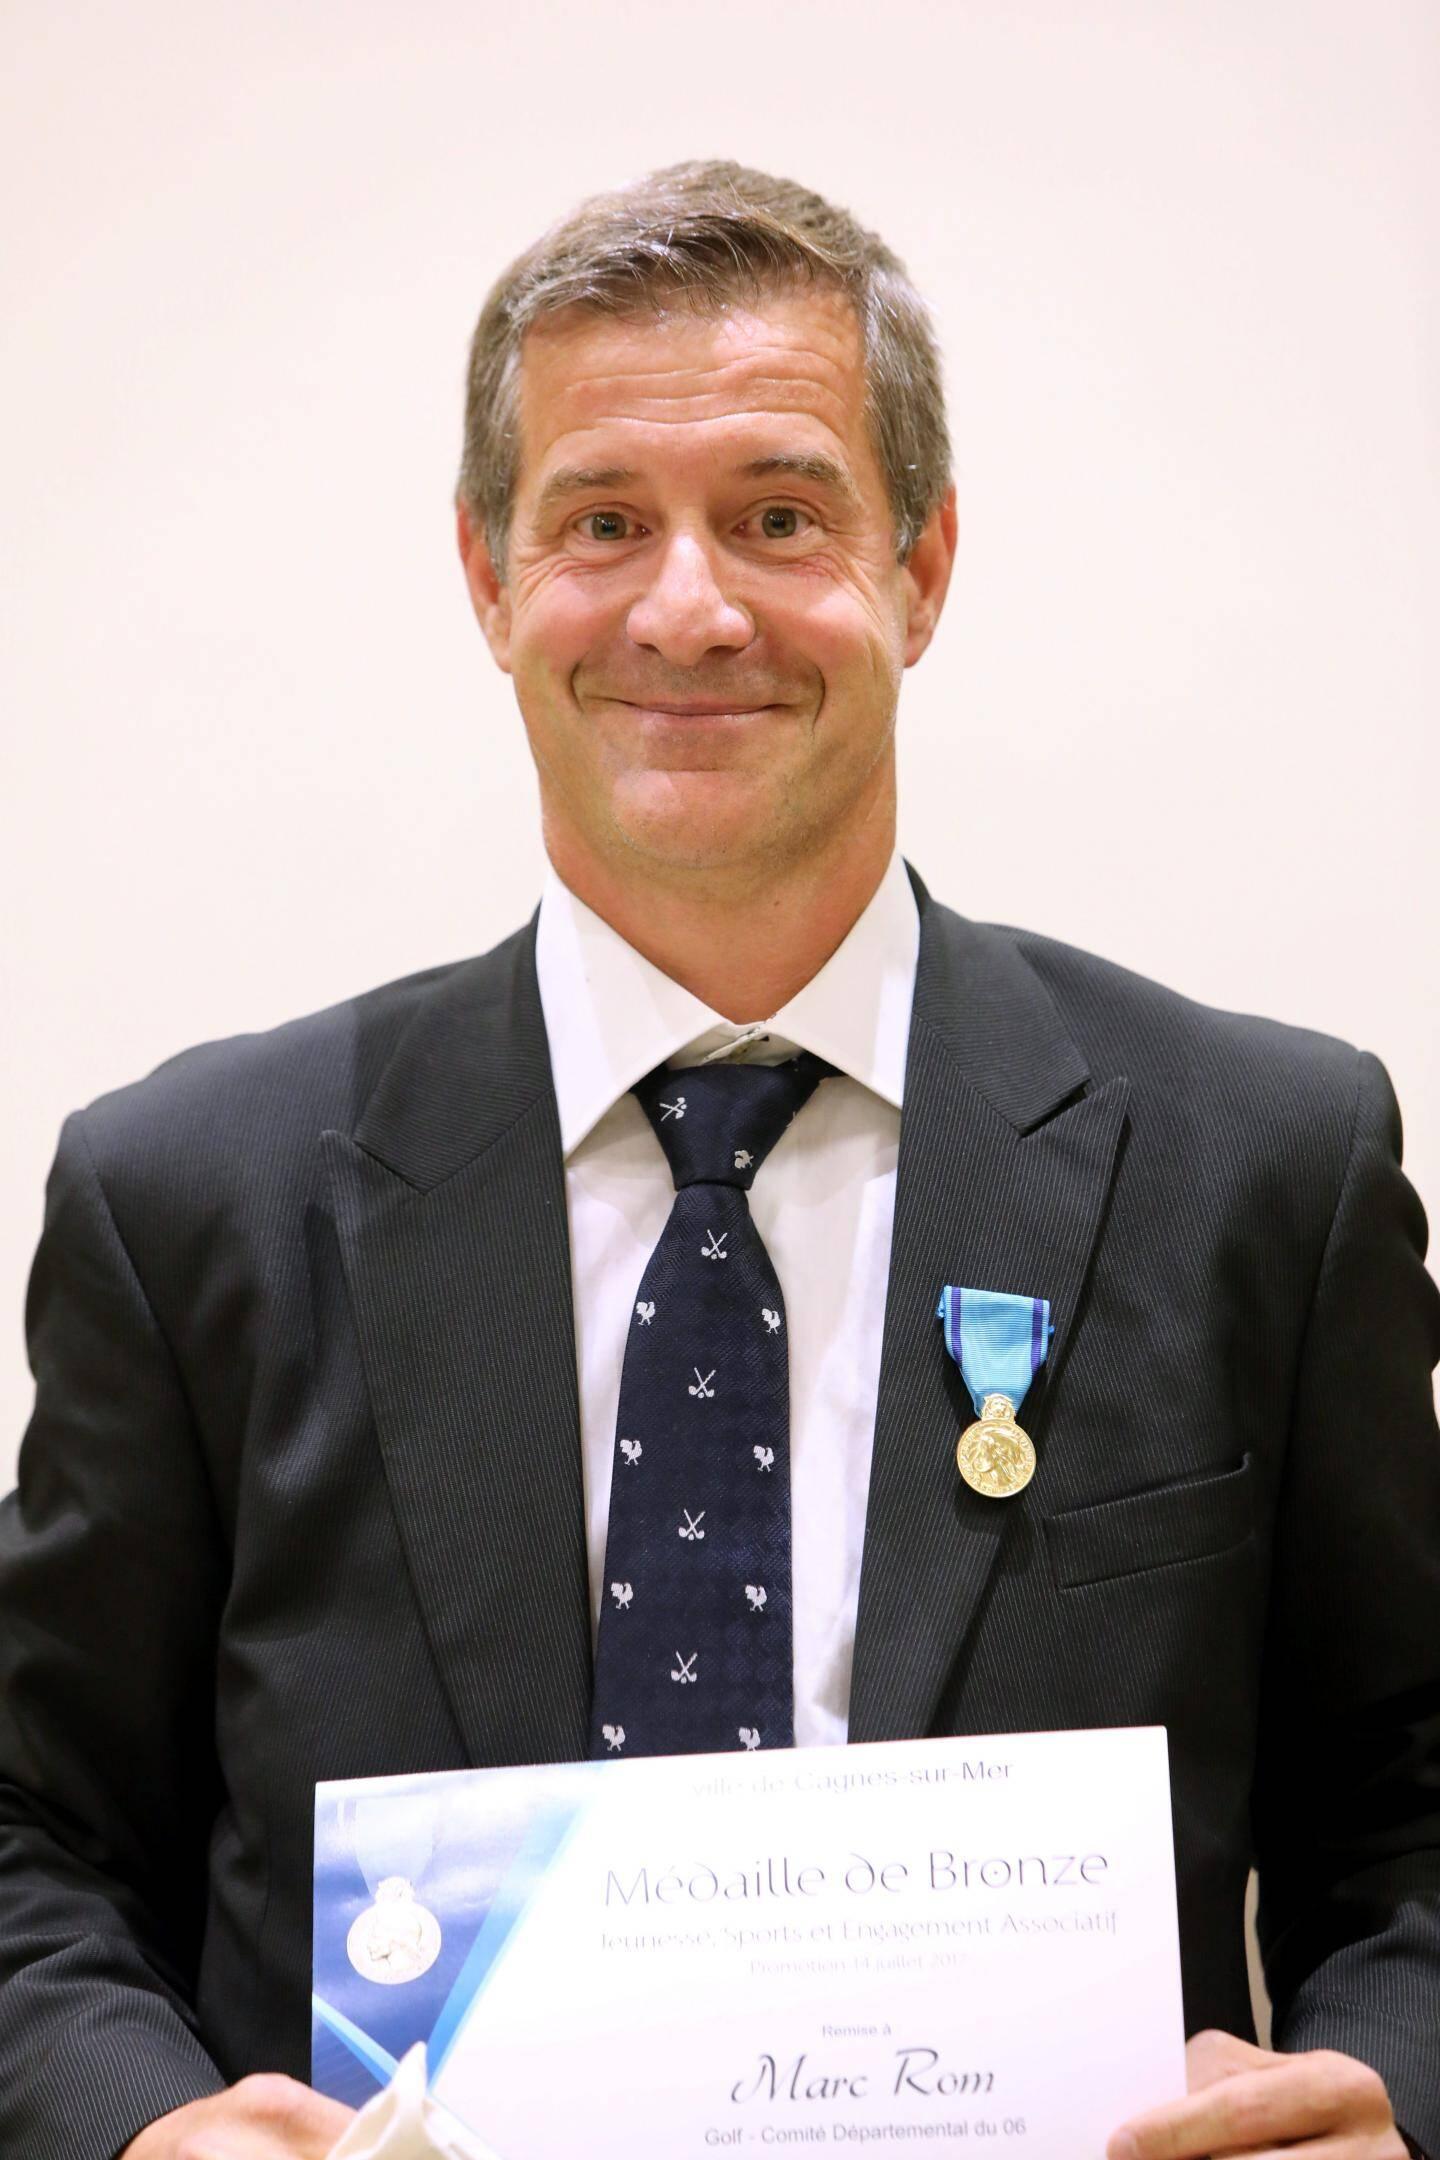 Marc Rom, comité dal golf : BRONZE